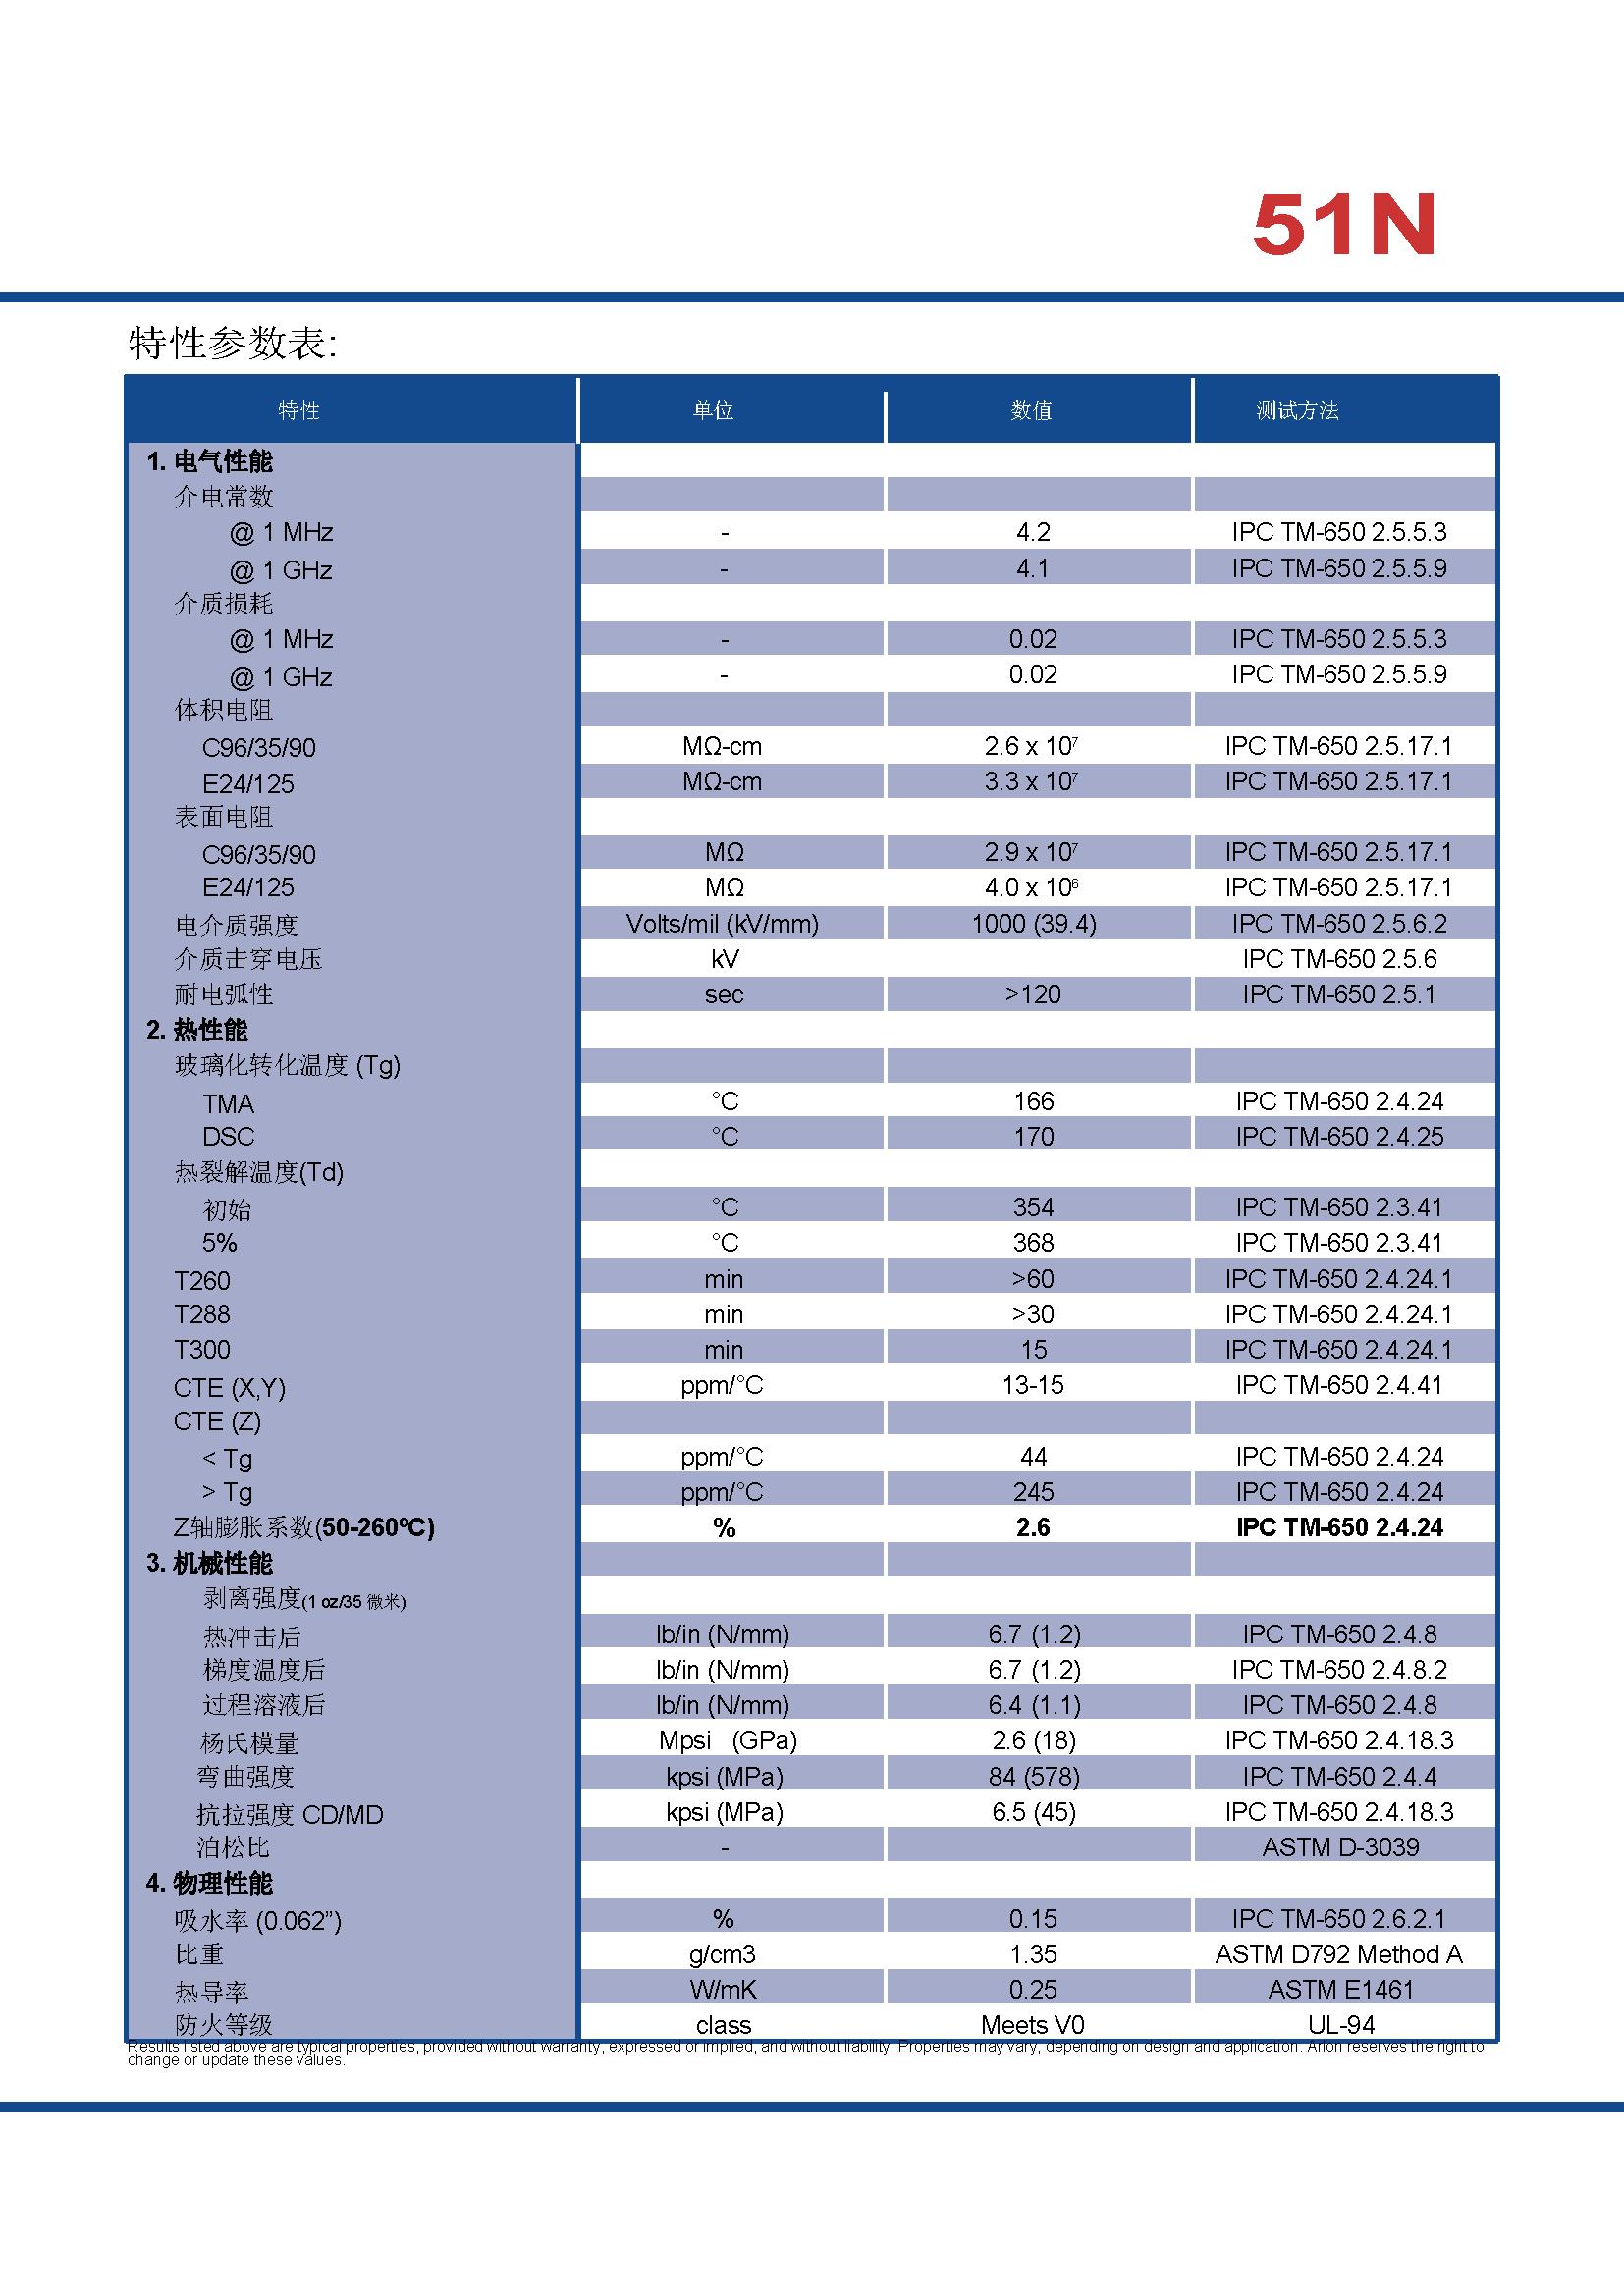 页面提取自-51N中文版_页面_2